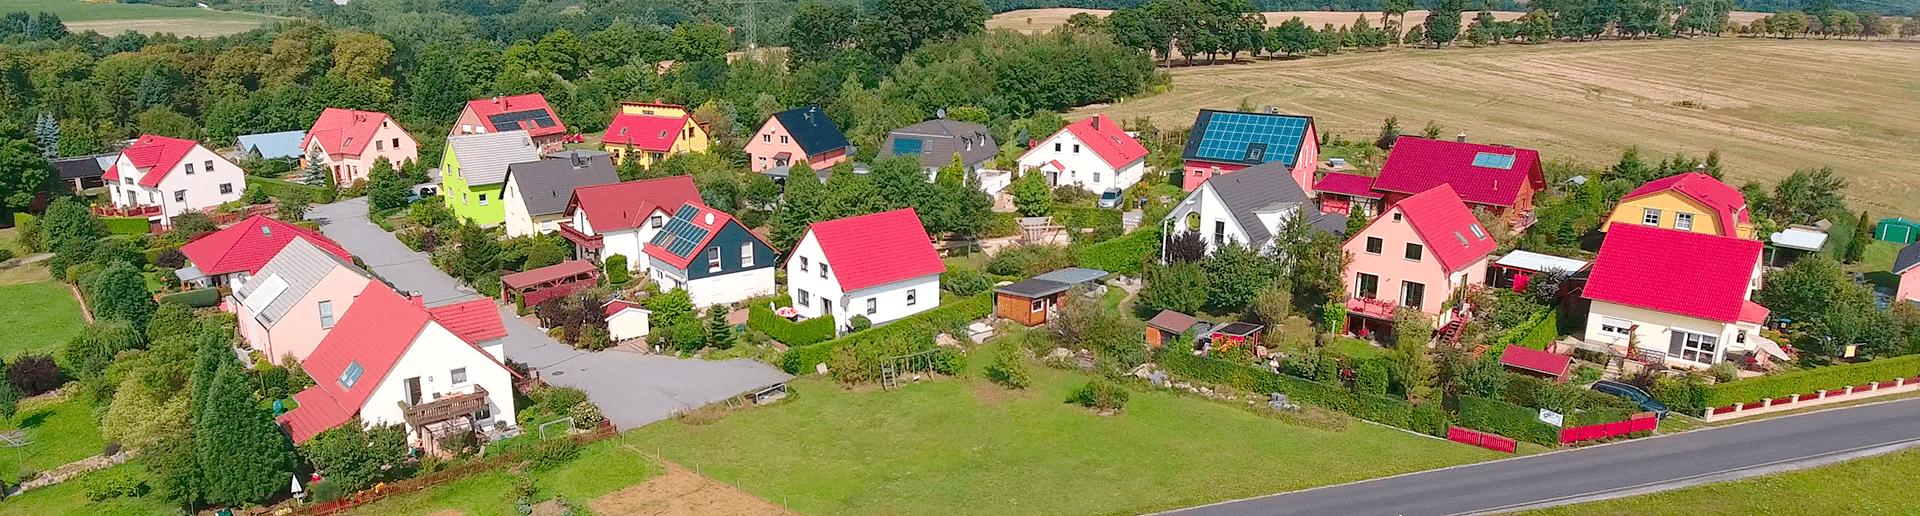 Baugebiet Dresden Einfamilienhäuser Referenz